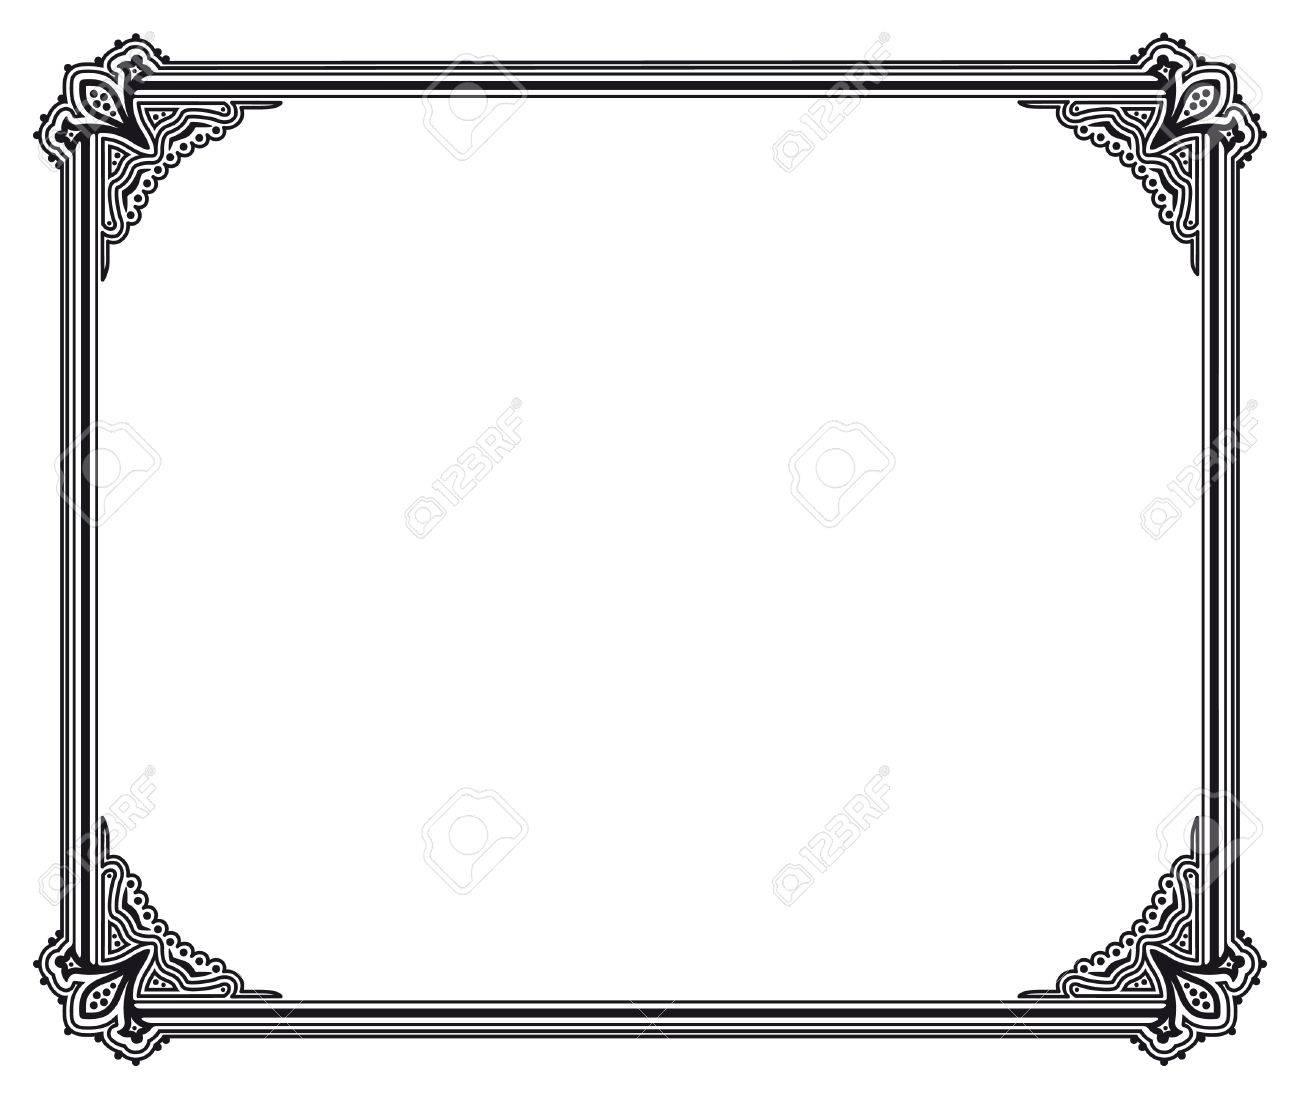 Schwarz-Weiß-Vektor-Rahmen Lizenzfrei Nutzbare Vektorgrafiken, Clip ...